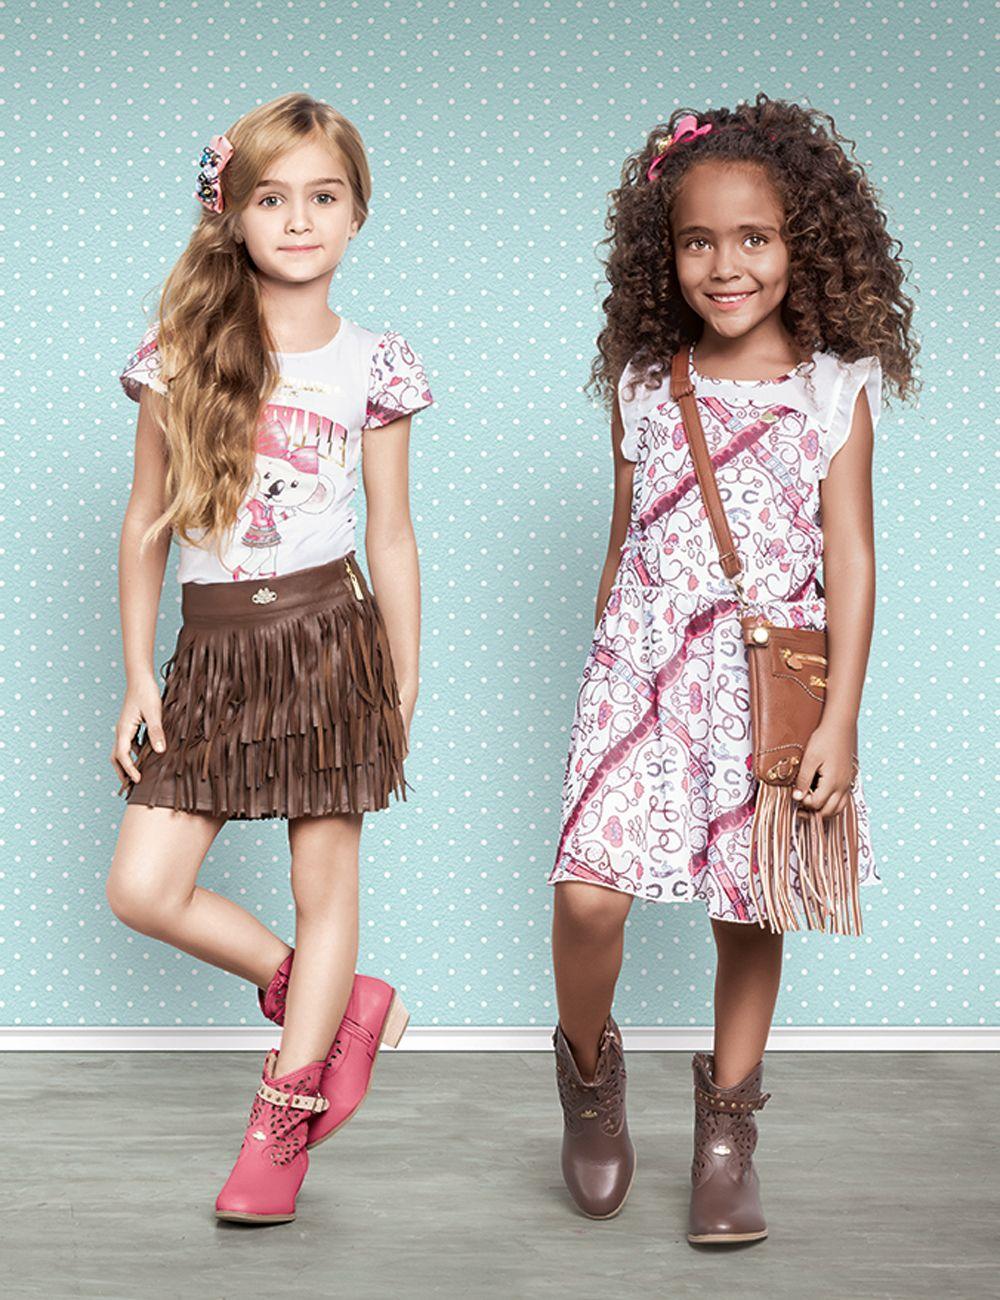 Childrenswear Lilica Ripilica Spring-Summer  Lookbook de Lilica Ripilica, coleção Verão 2013 | Lilica Ripilica - Verão 2015 | Pinterest